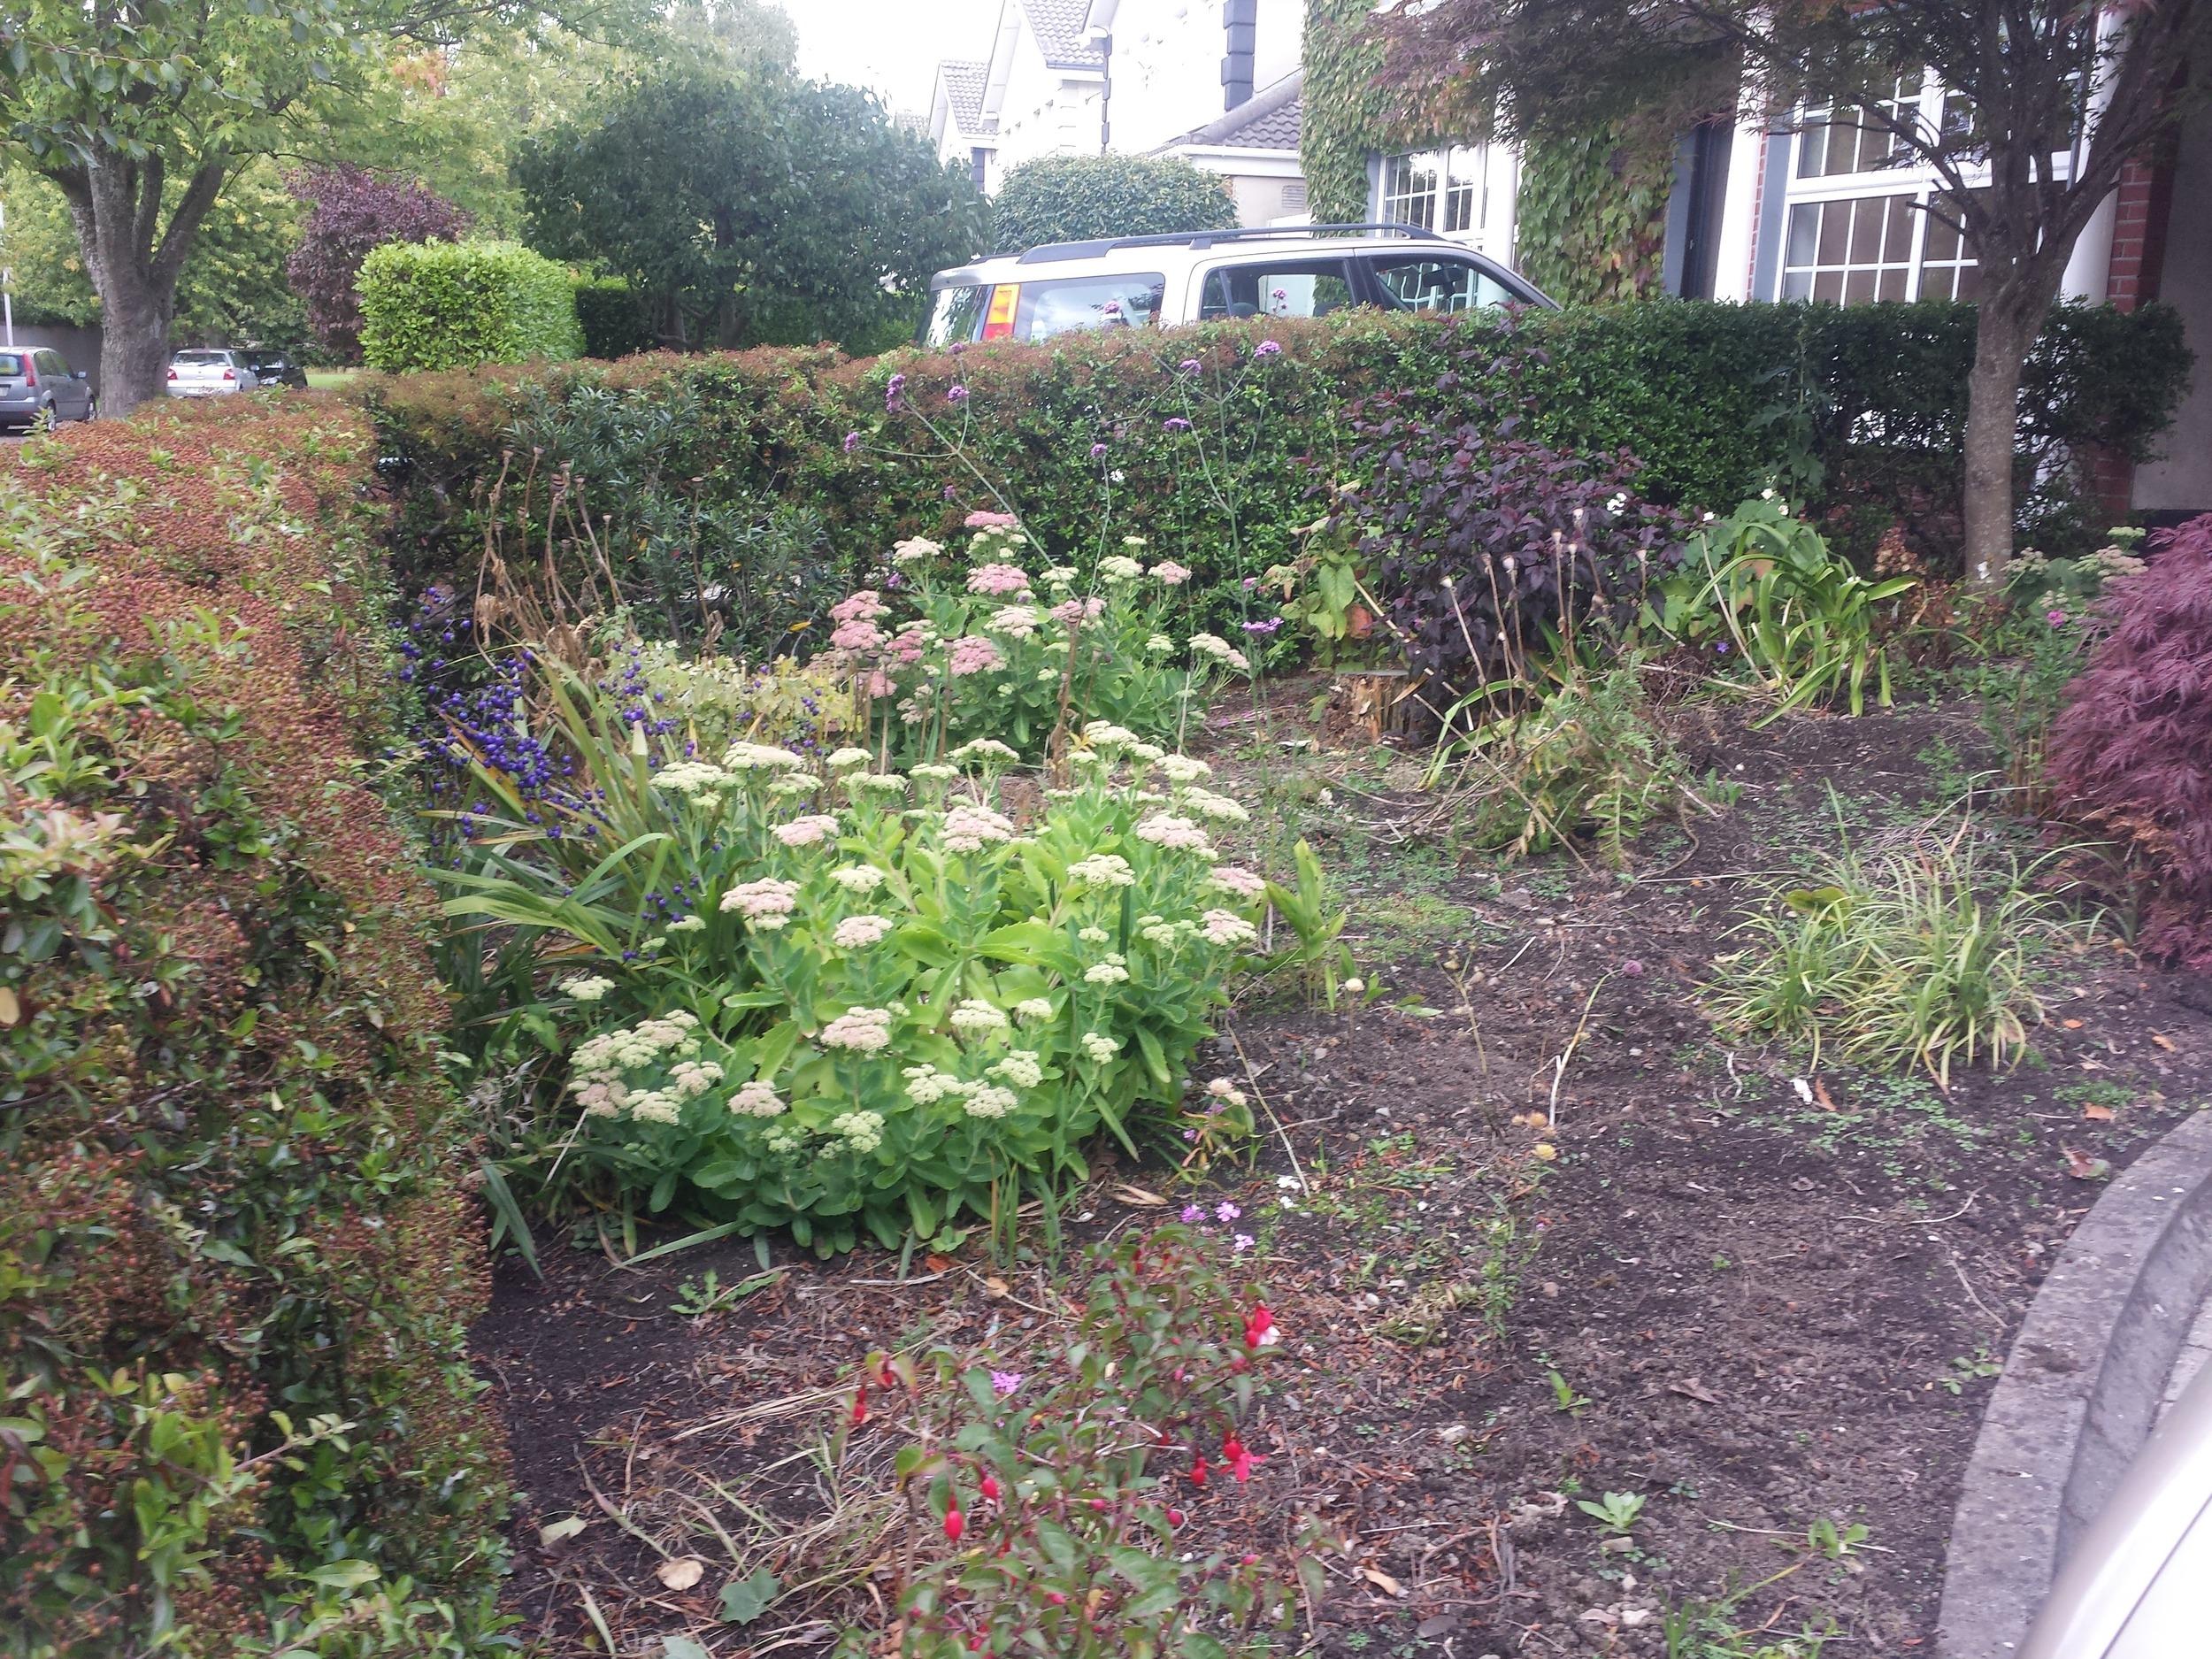 front garden lawn area before artificial grass installation, Foxrock, Dublin, Ireland.jpg